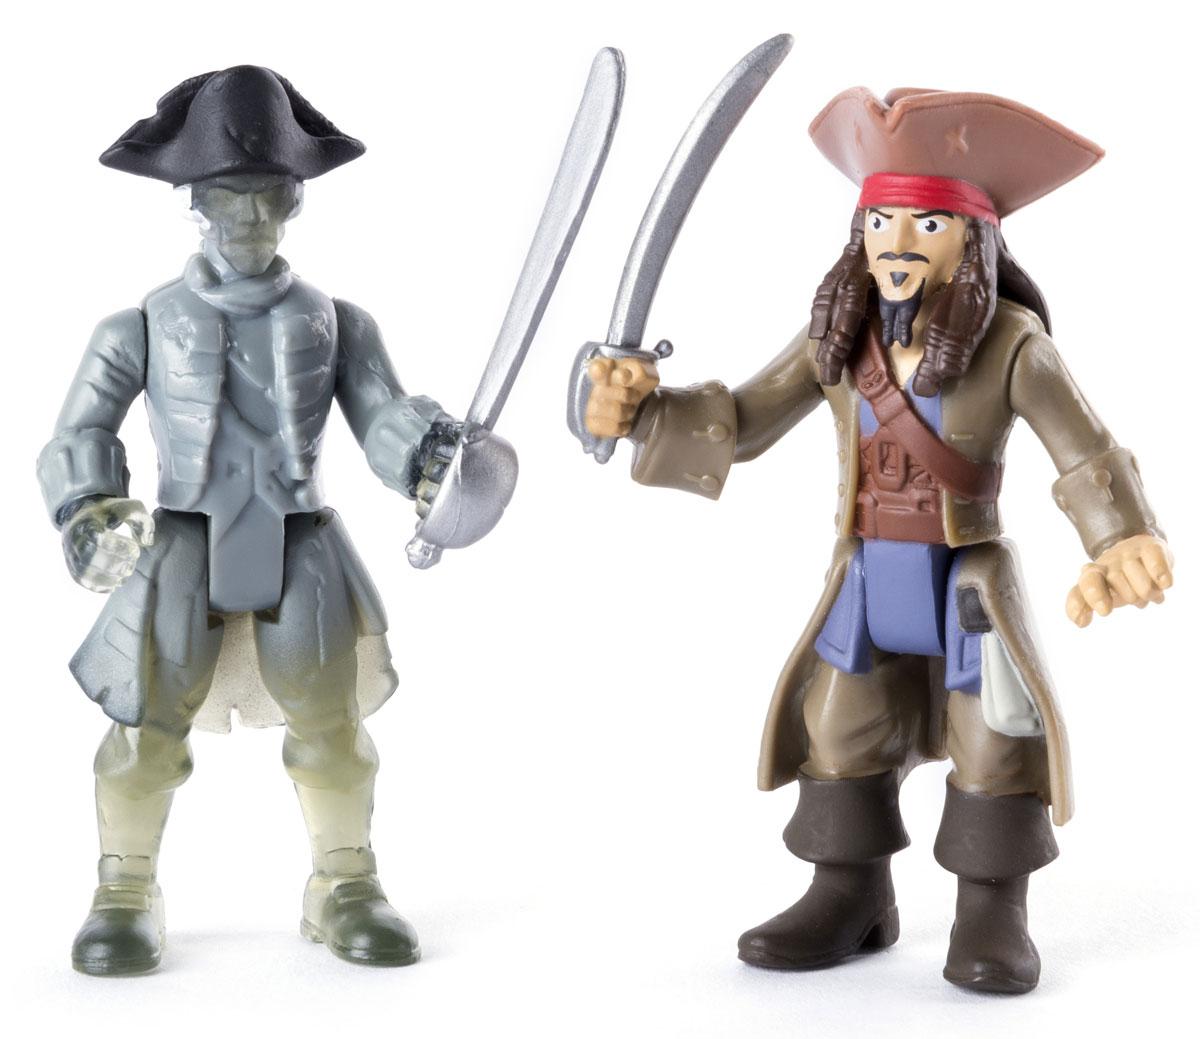 Pirates of Caribbean Набор фигурок Jack Sparrow Vs. Ghost Crewman черная жемчужина корабль капитана джека воробья